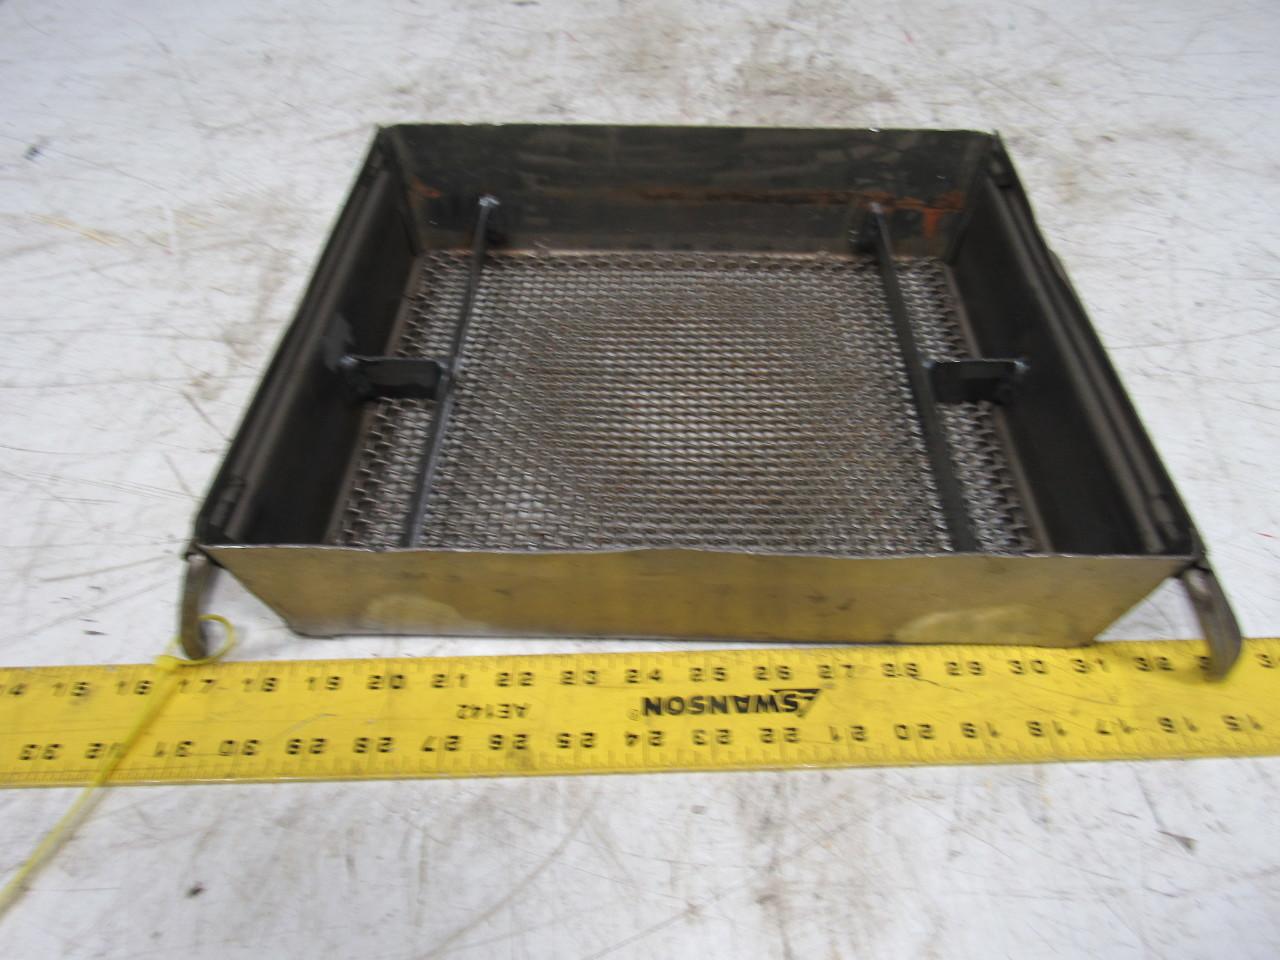 Steel Wire Mesh Plating Racks Dip Tank Parts Cleaning Bins